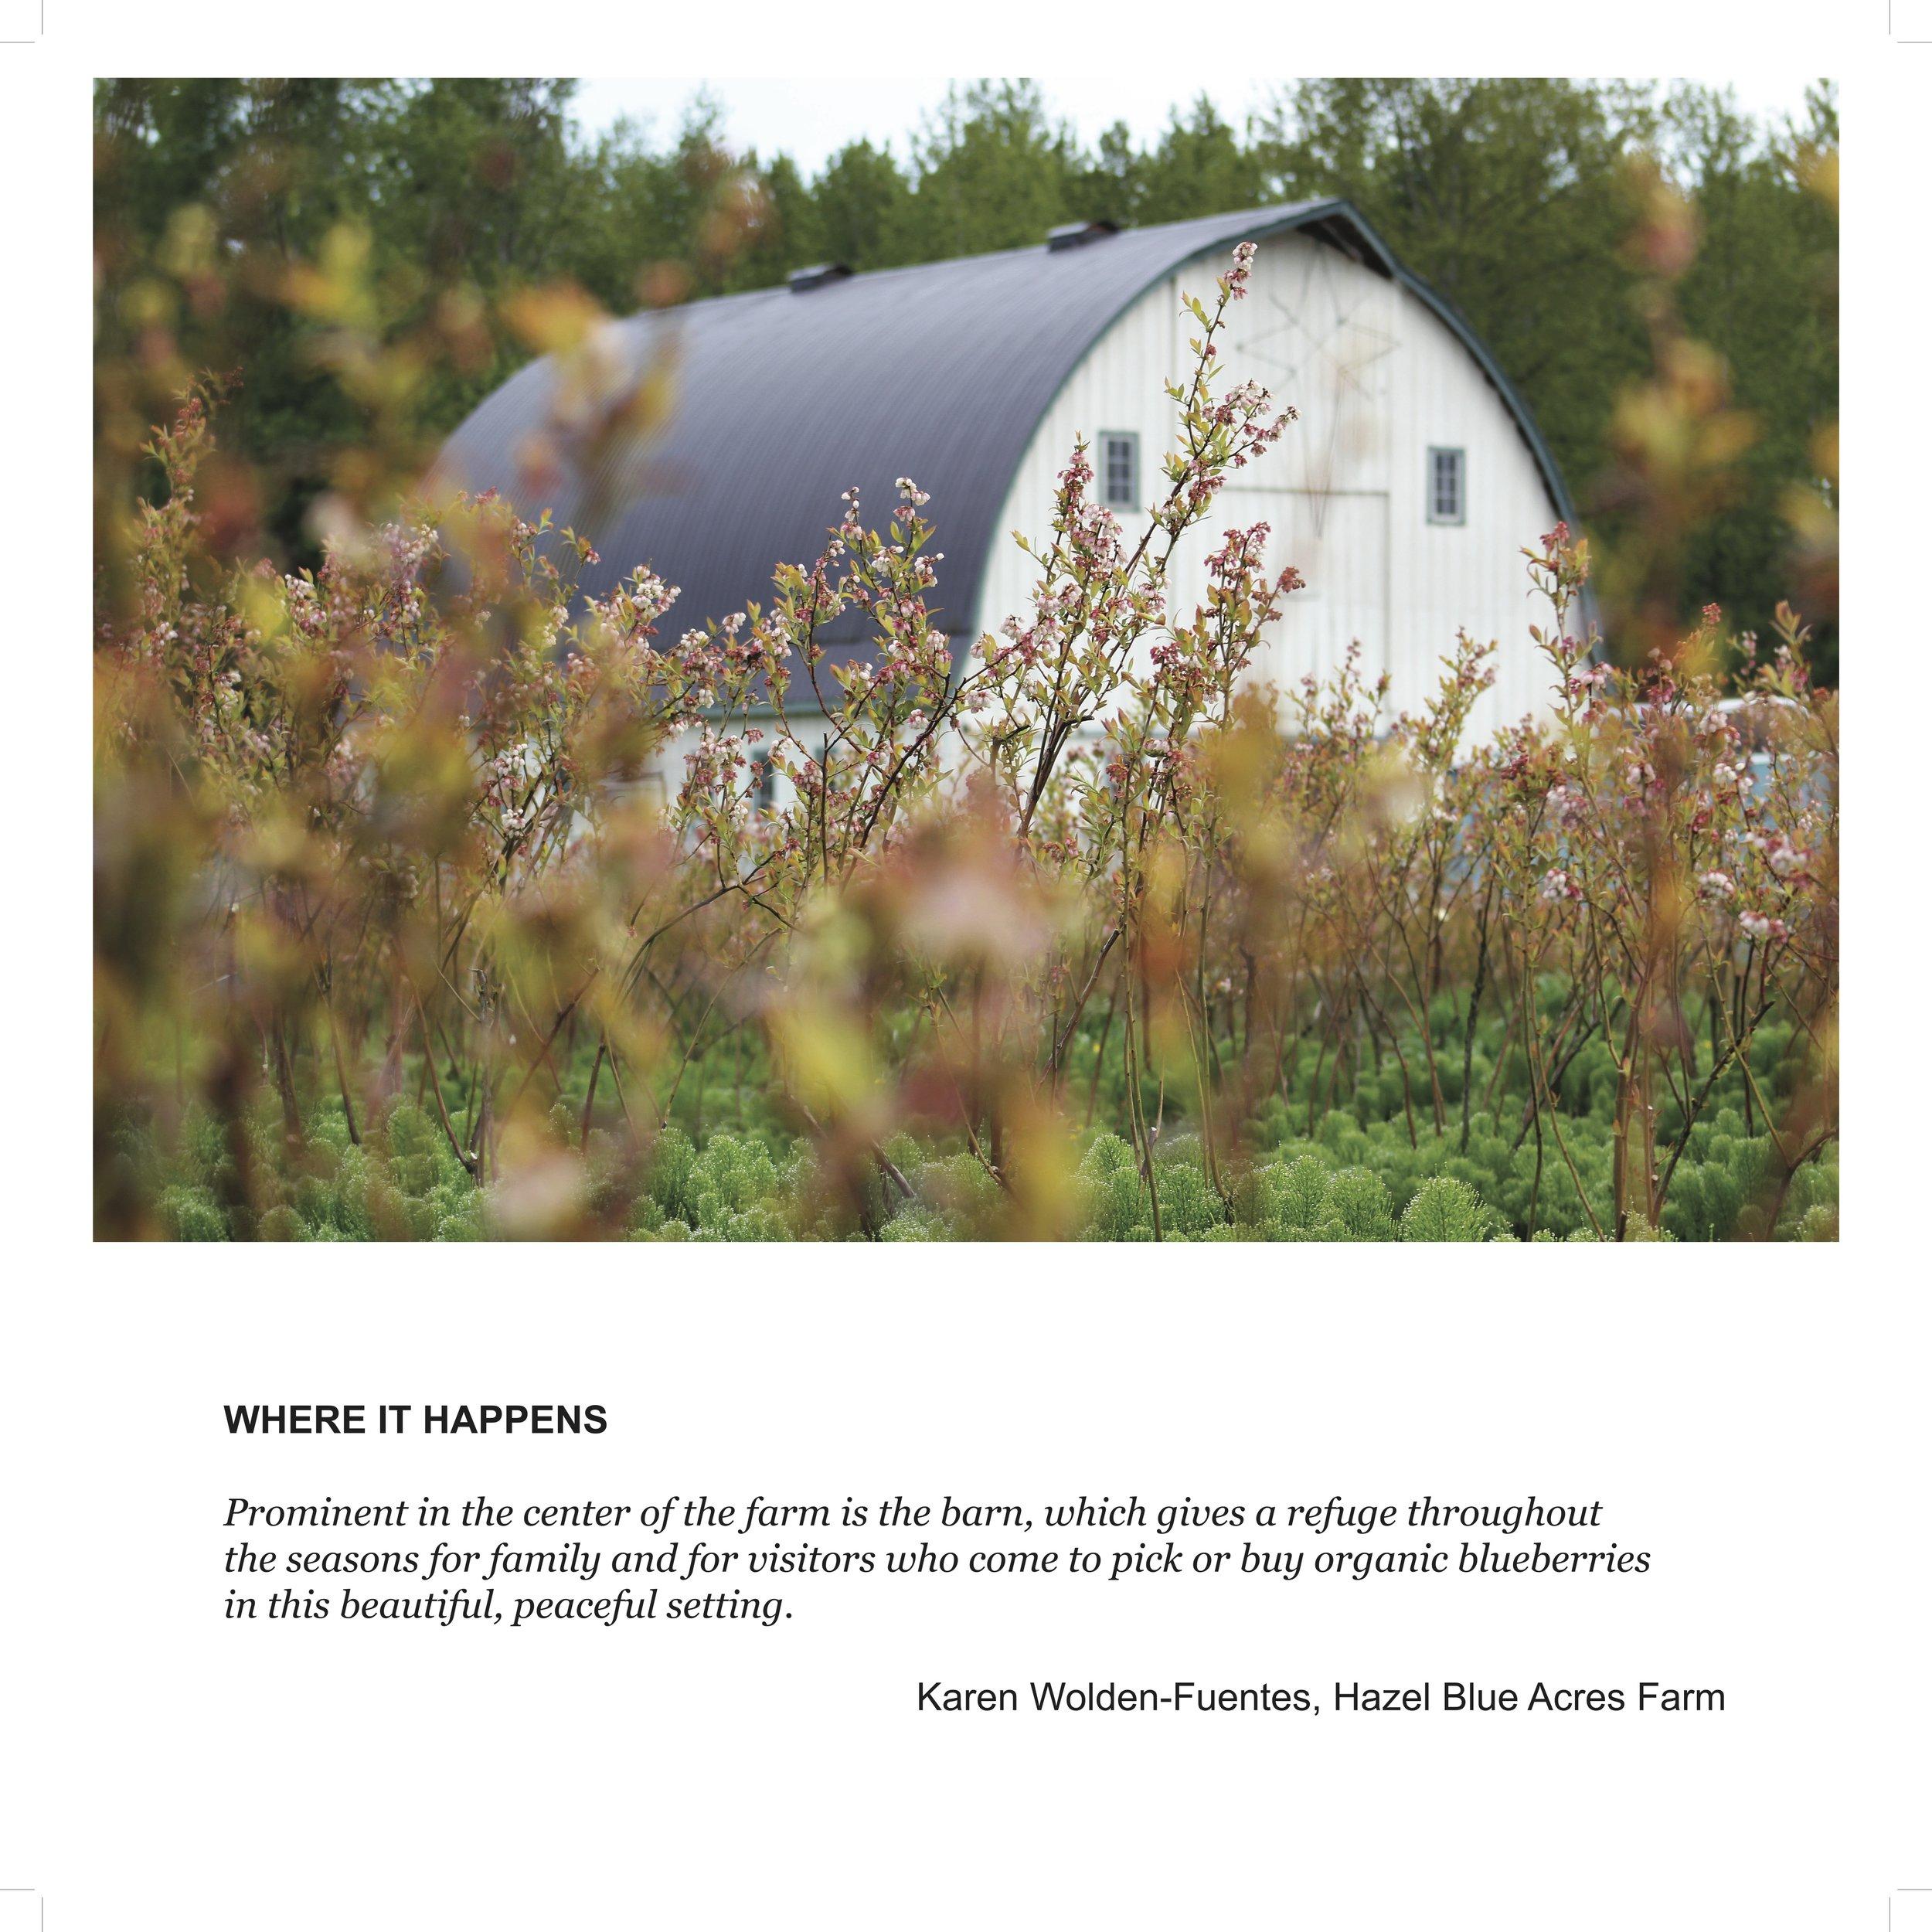 Karen farm bl.jpg